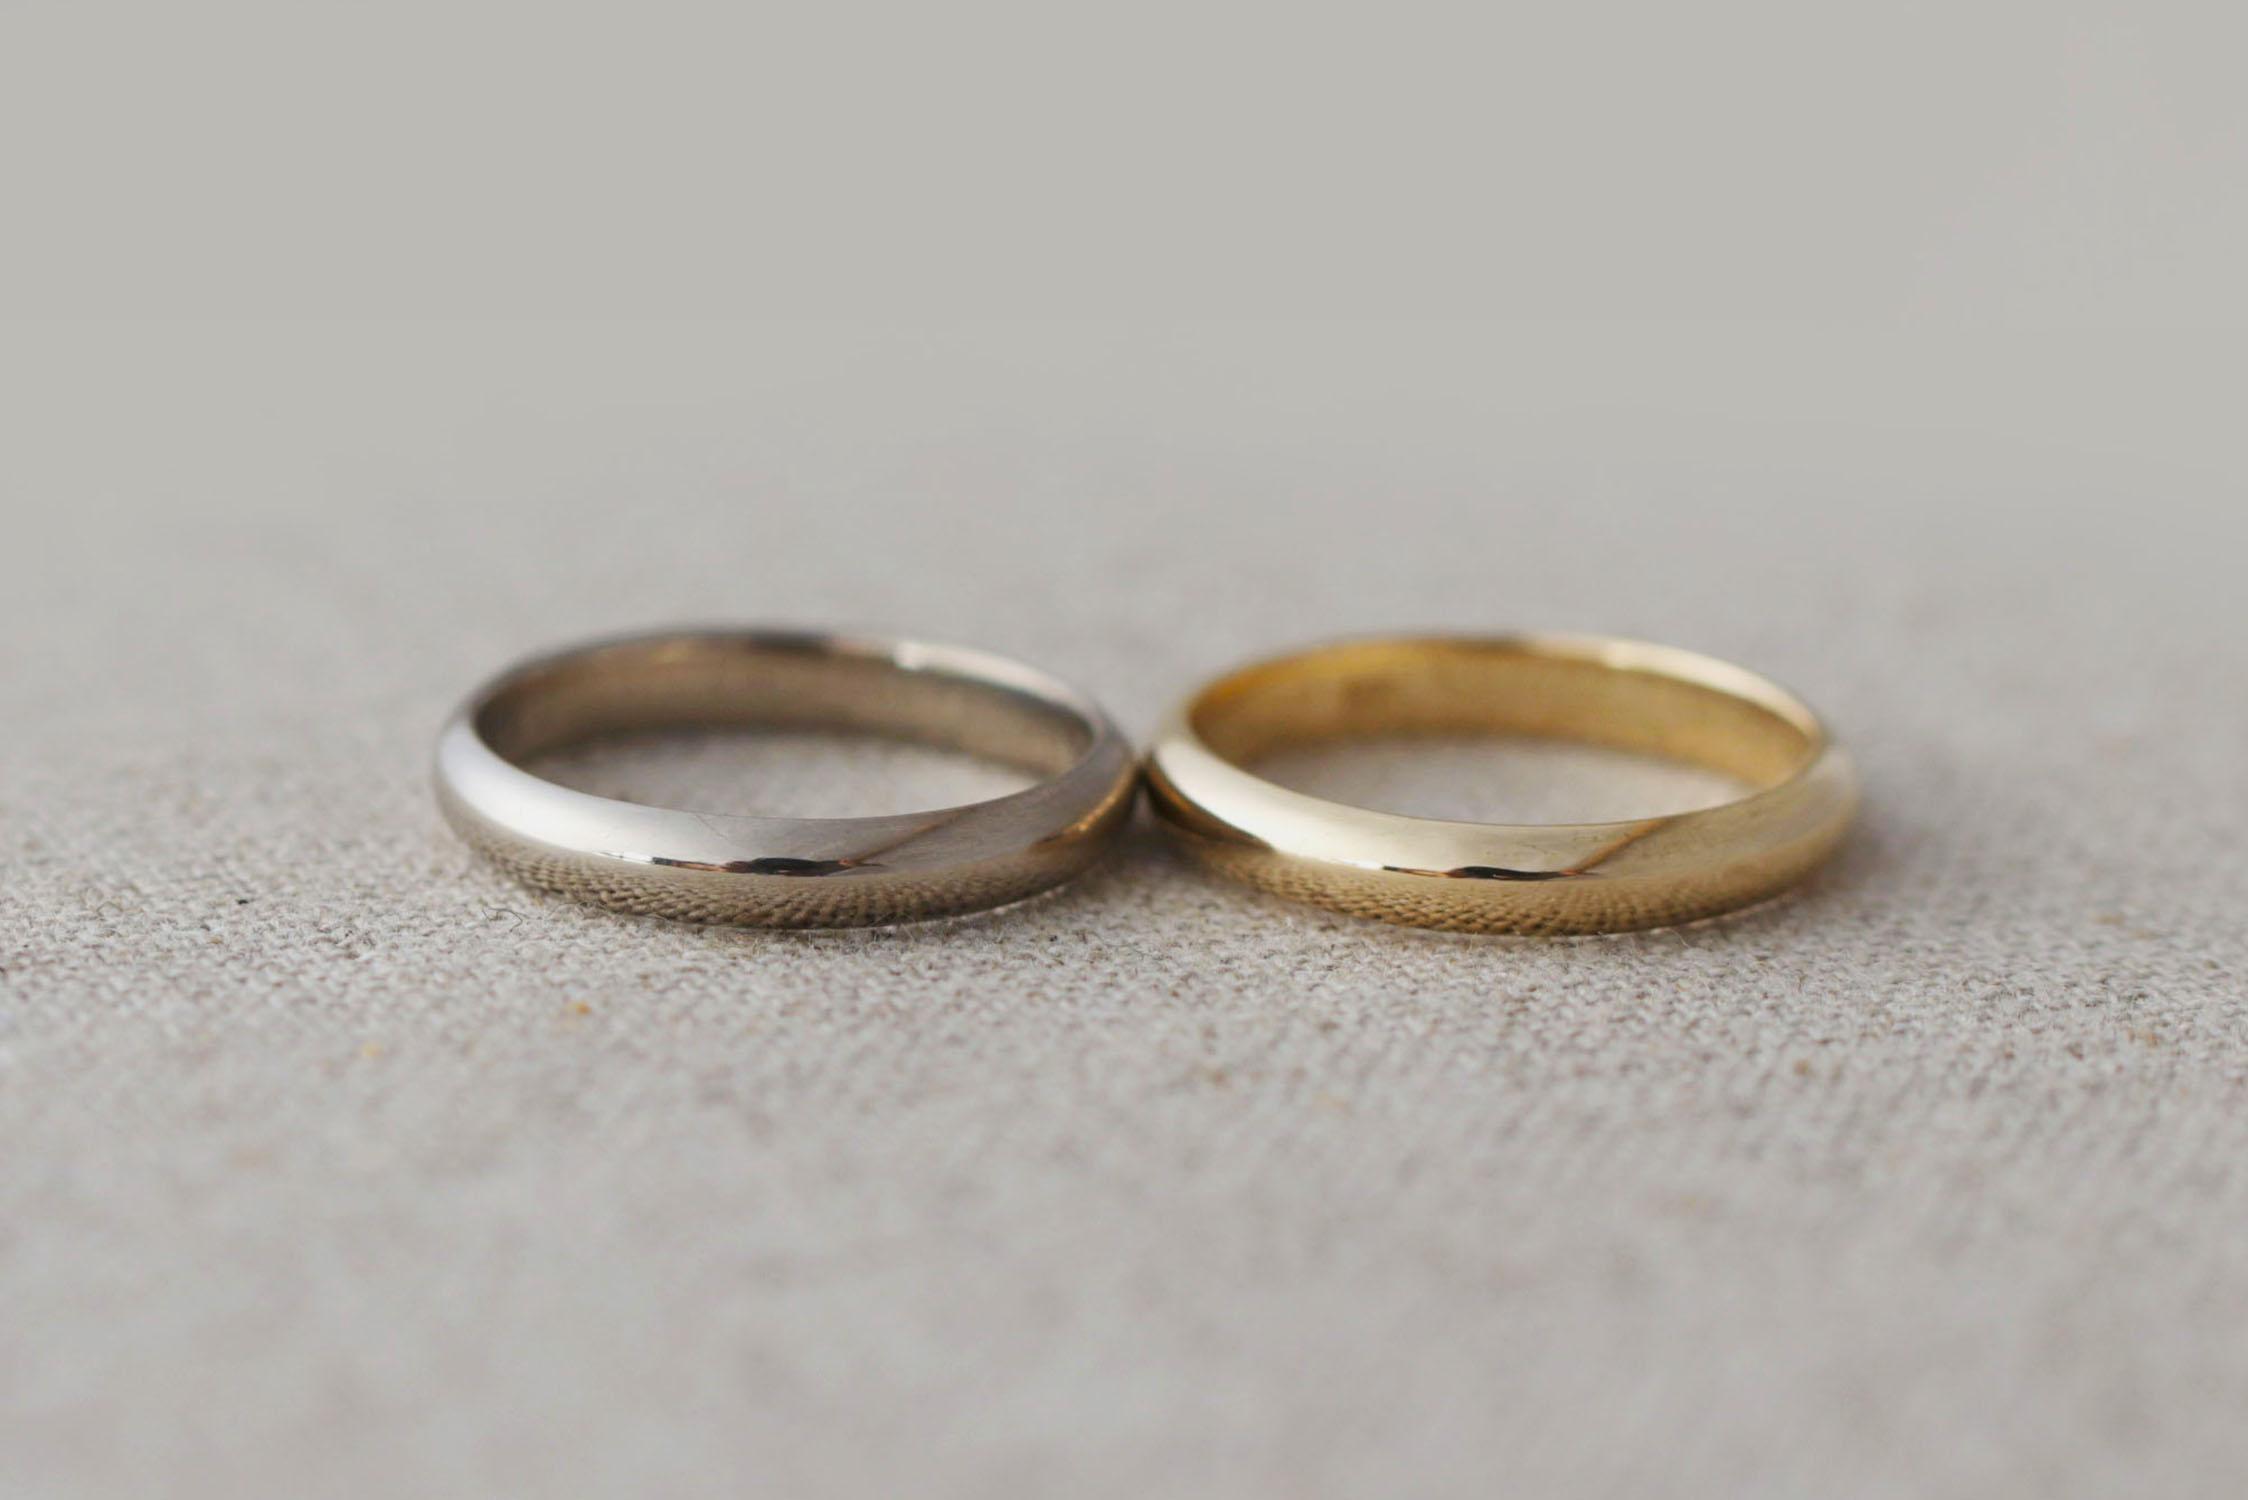 結婚指輪の定番、甲丸タイプ